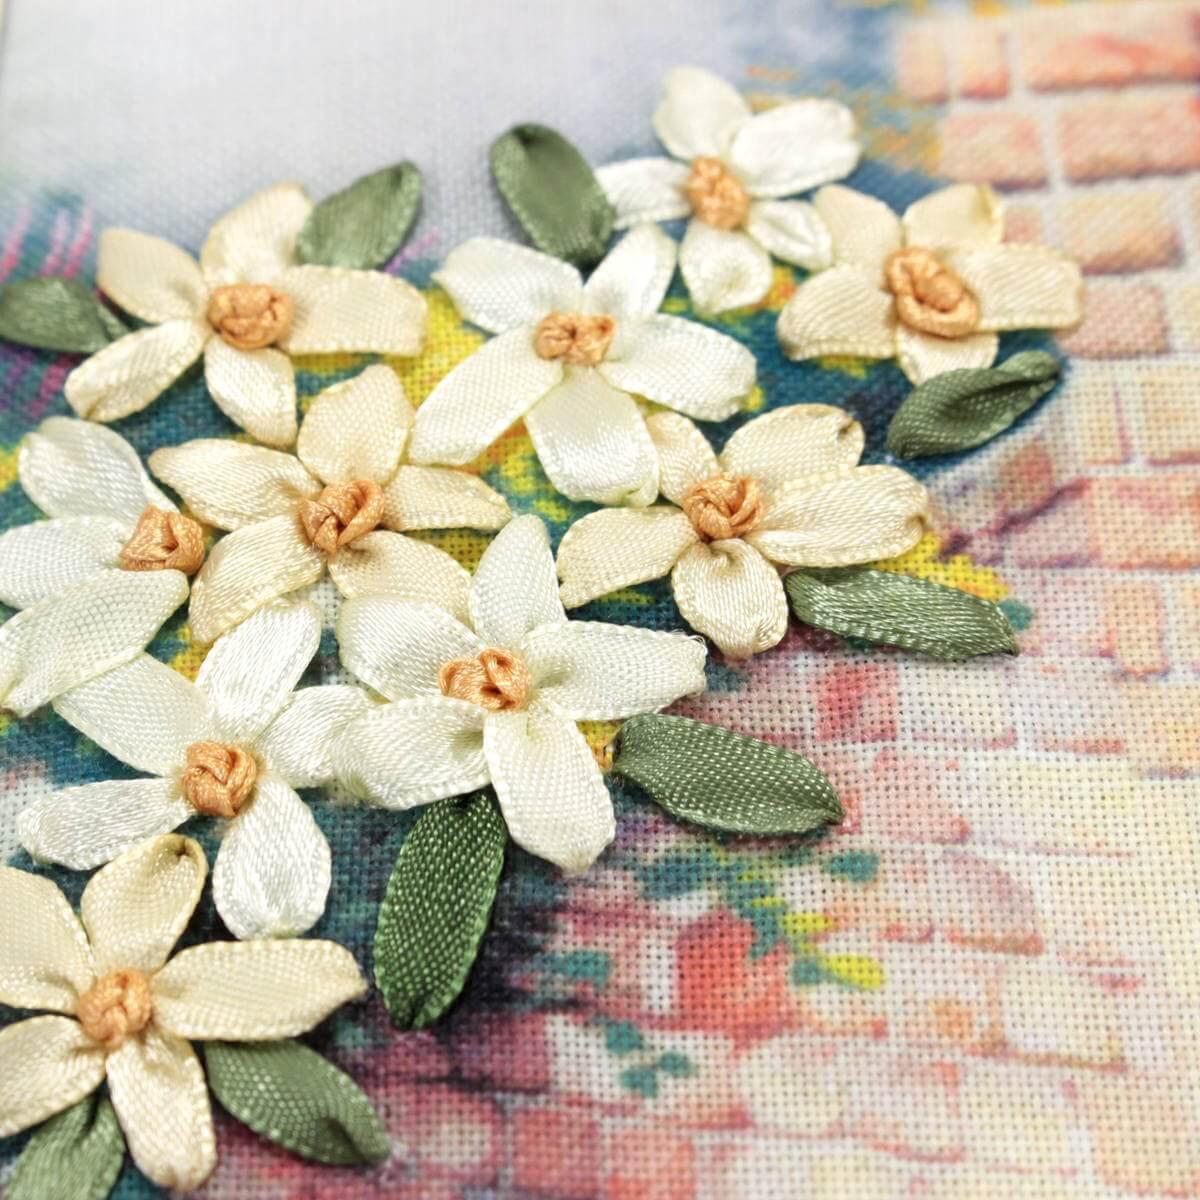 リボン刺繍アートパネル「花のポルテ」。刺繍部分は職人による手仕事で仕上げています。